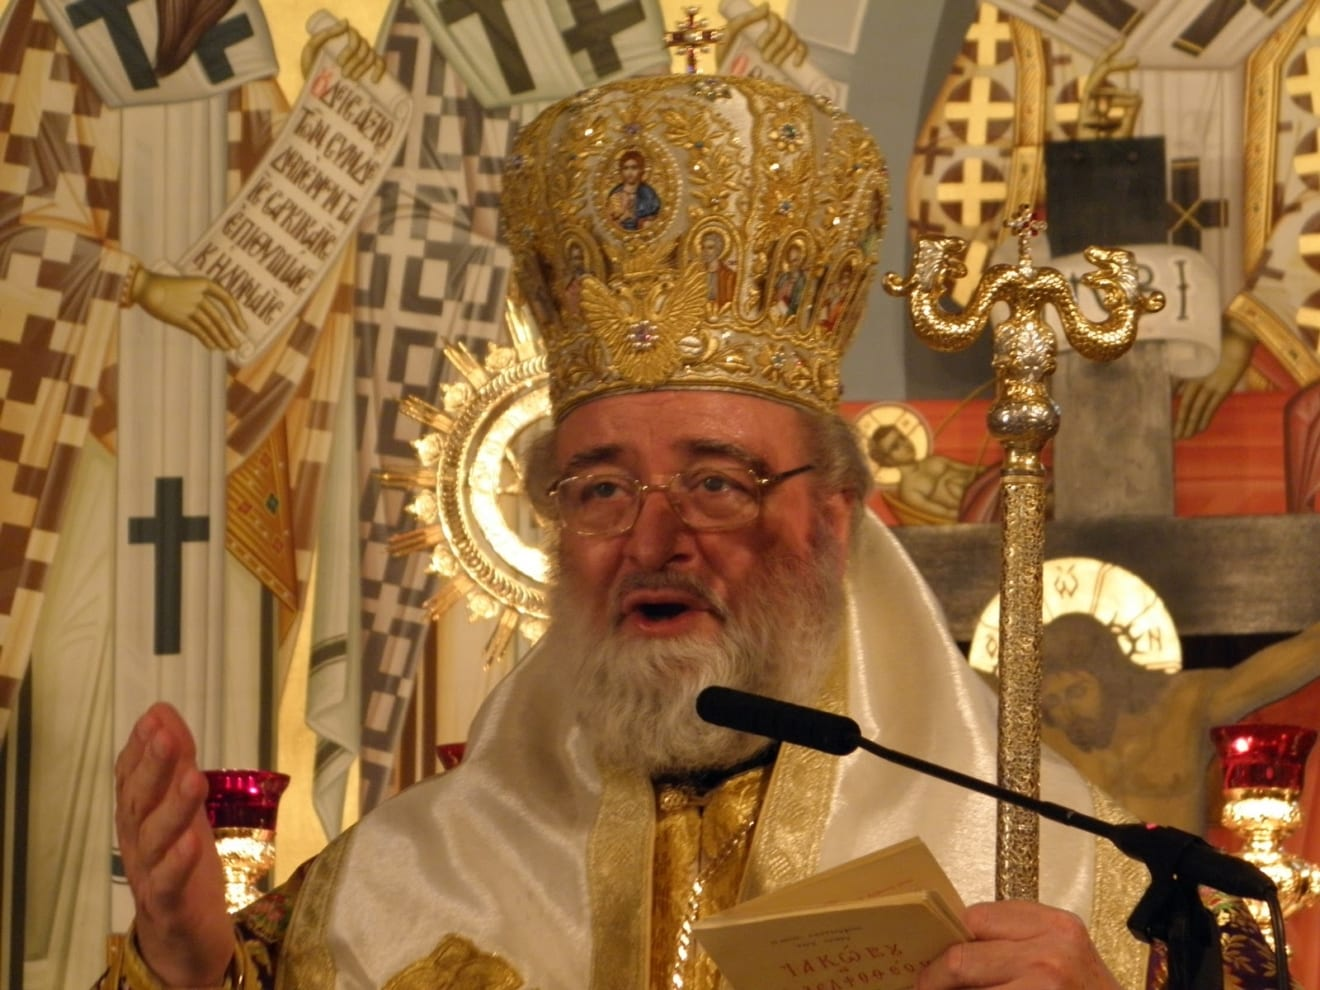 Μέγας θόρυβος και τεράστιος σάλος στο Οικουμενικό Πατριαρχείο μετά την  αποκάλυψη…